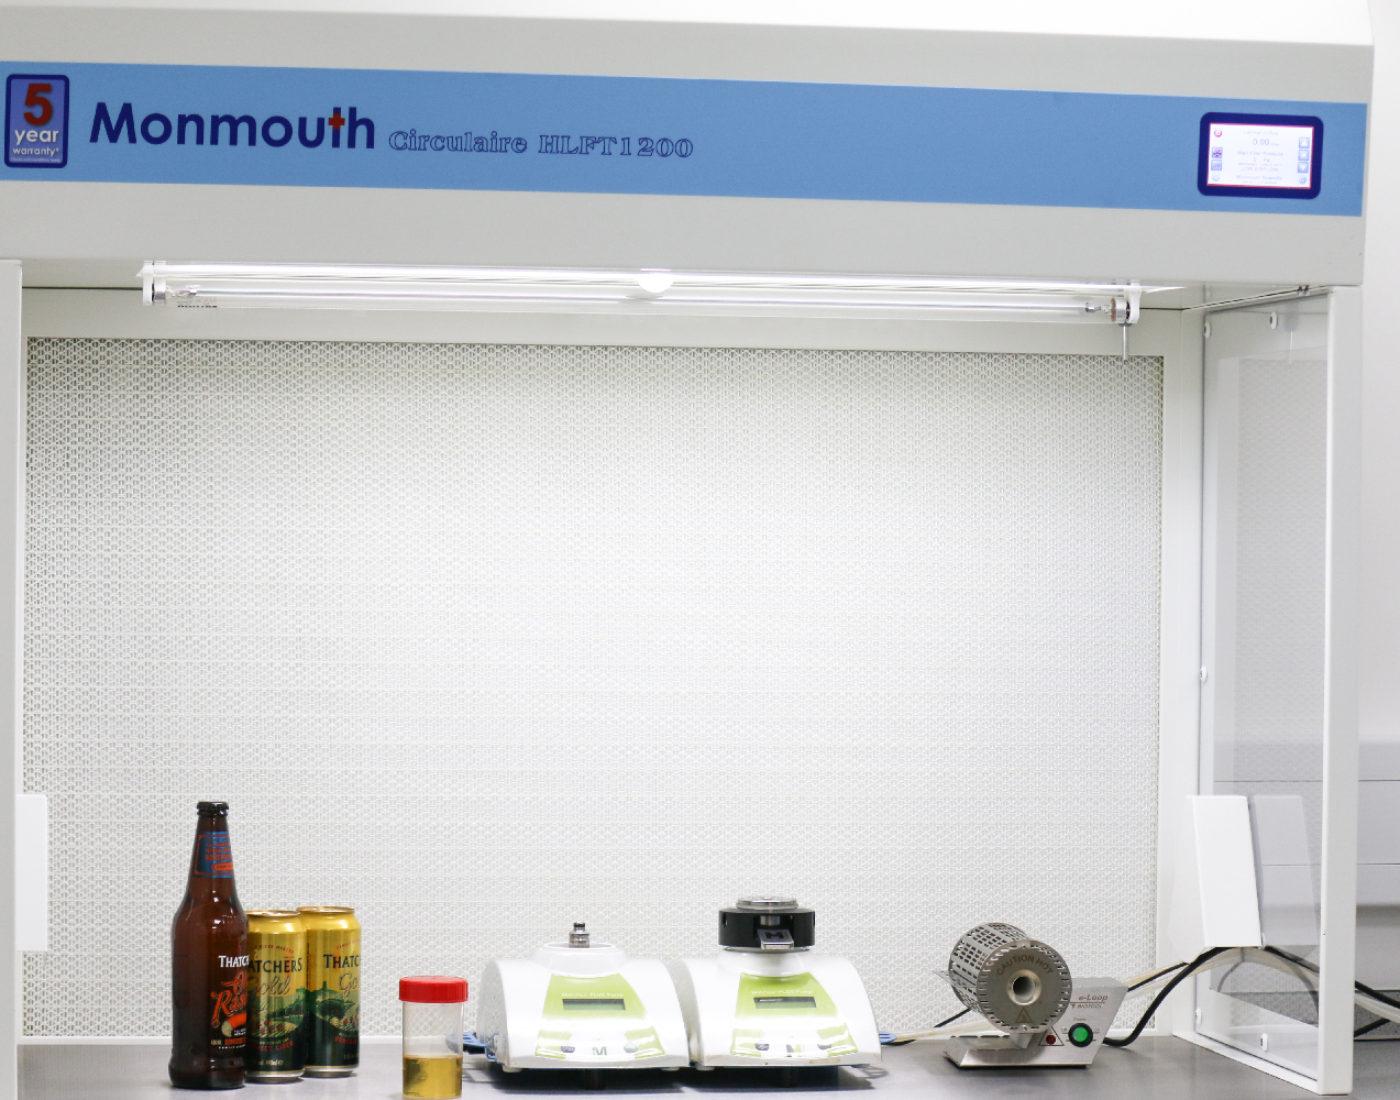 Monmouth Scientific | Case Studies | Thatchers Cider